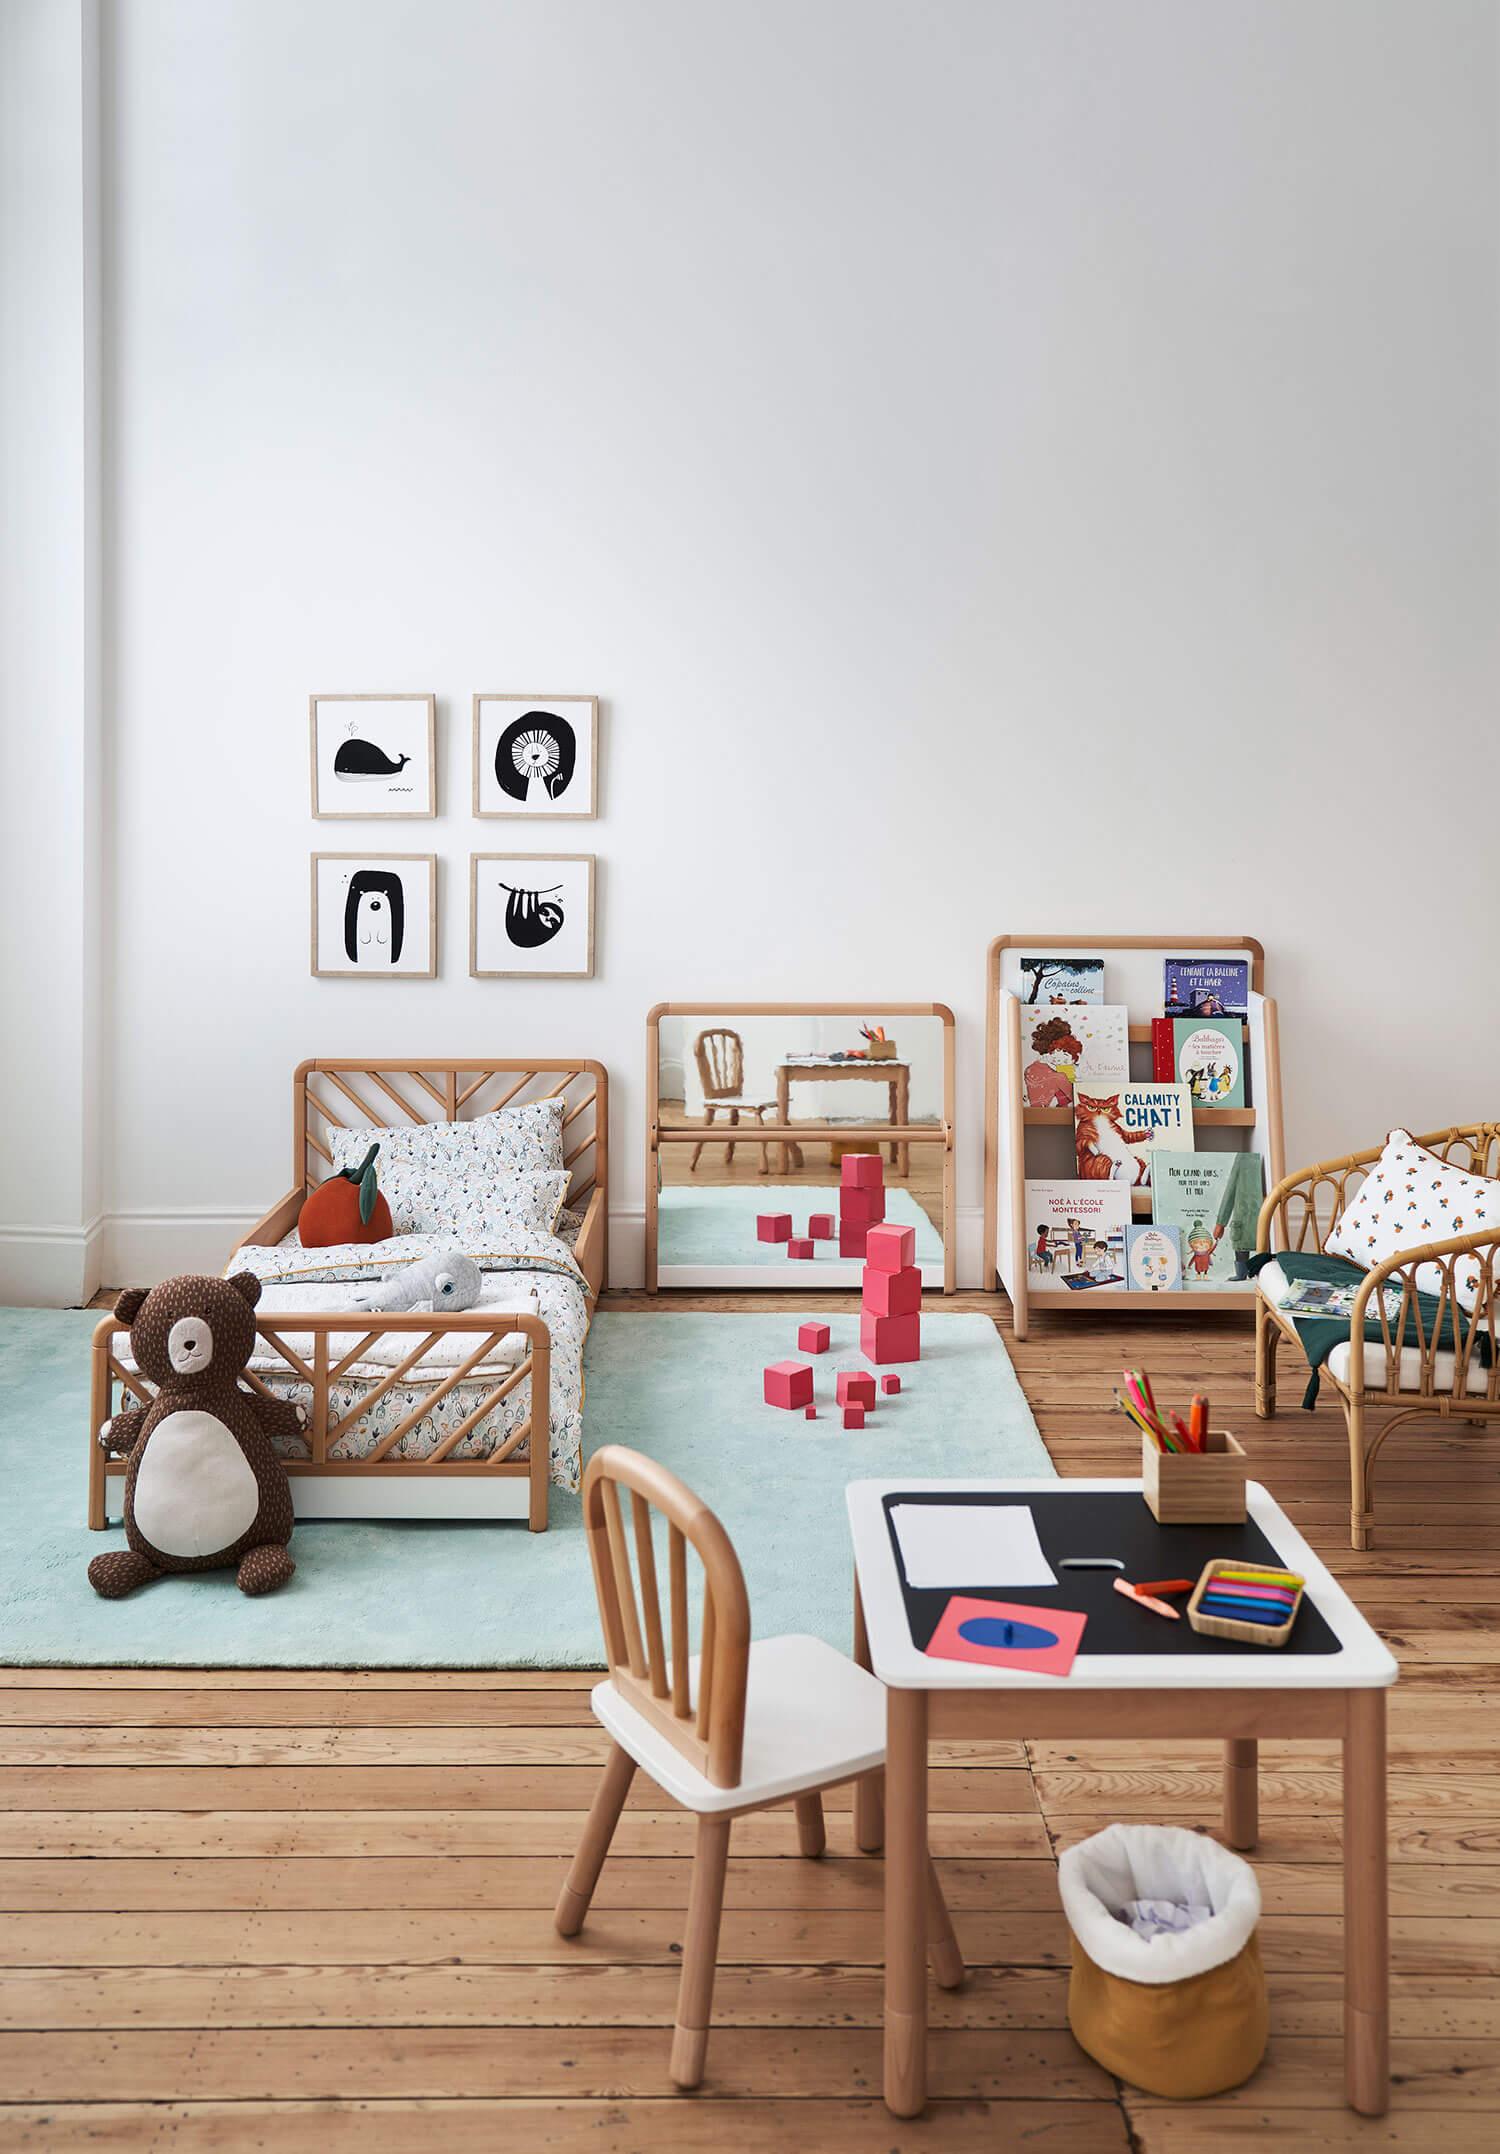 Décoration chambre enfant Montessori